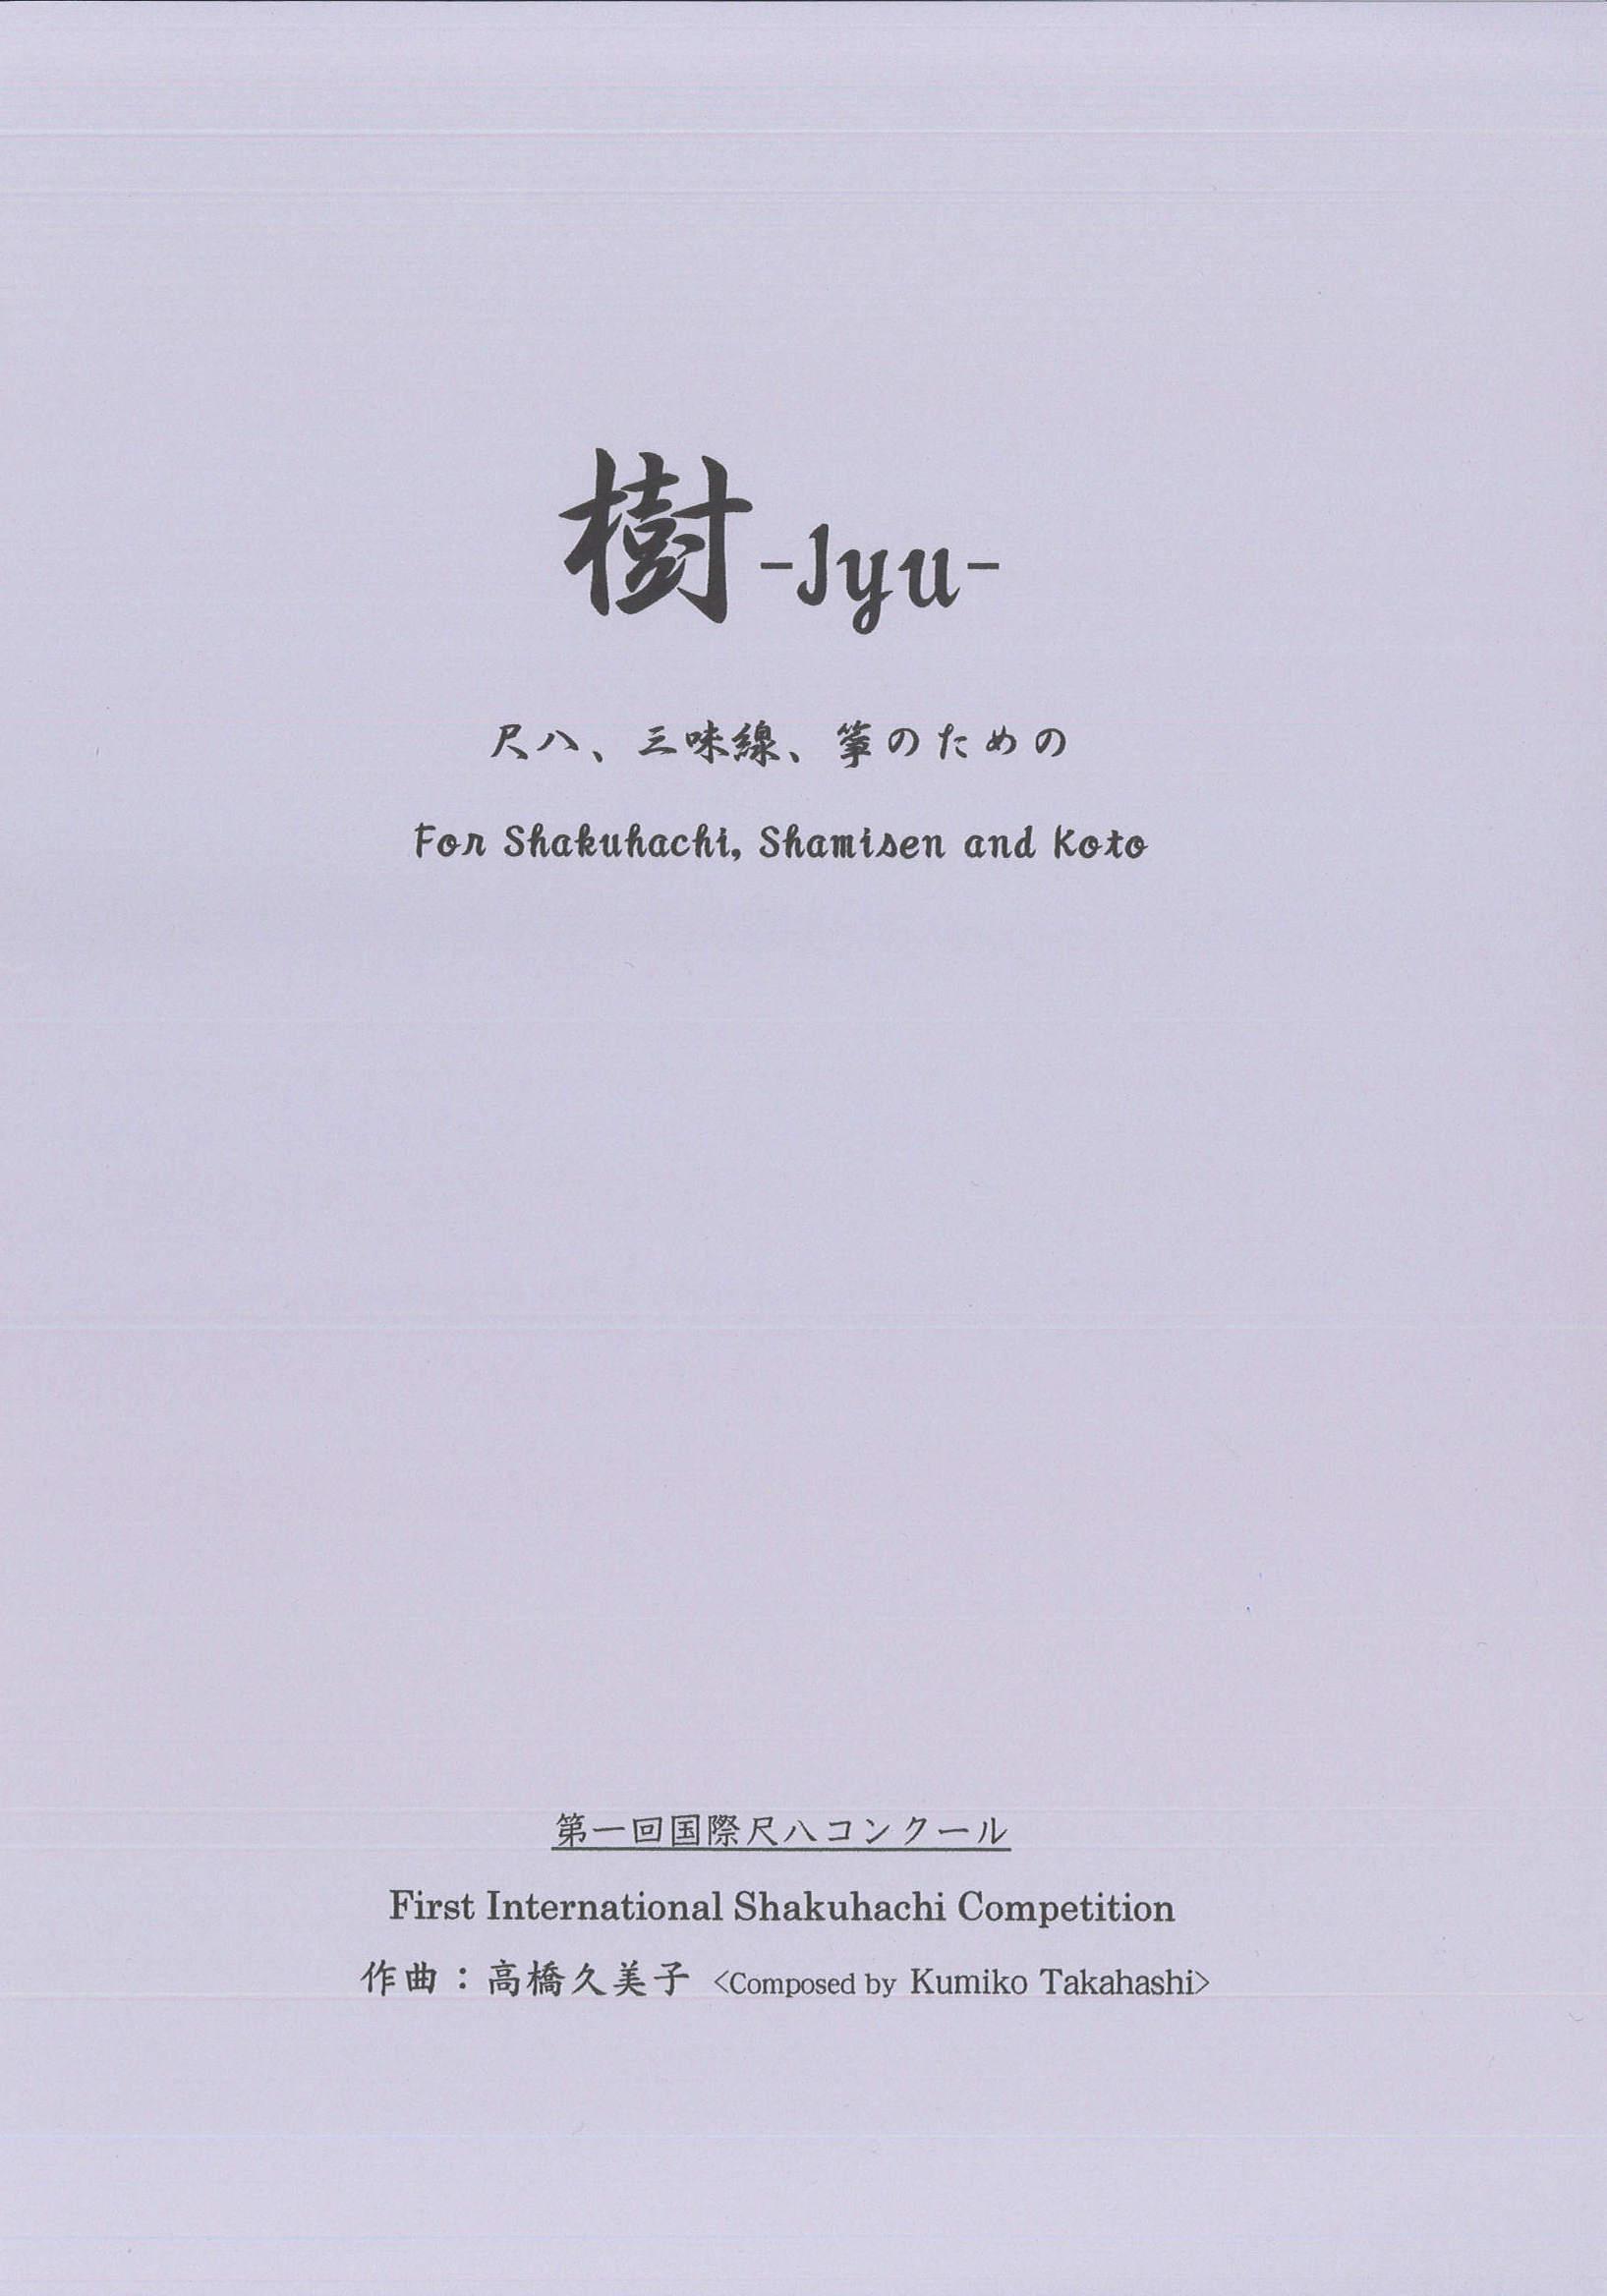 五線譜 樹[5442]